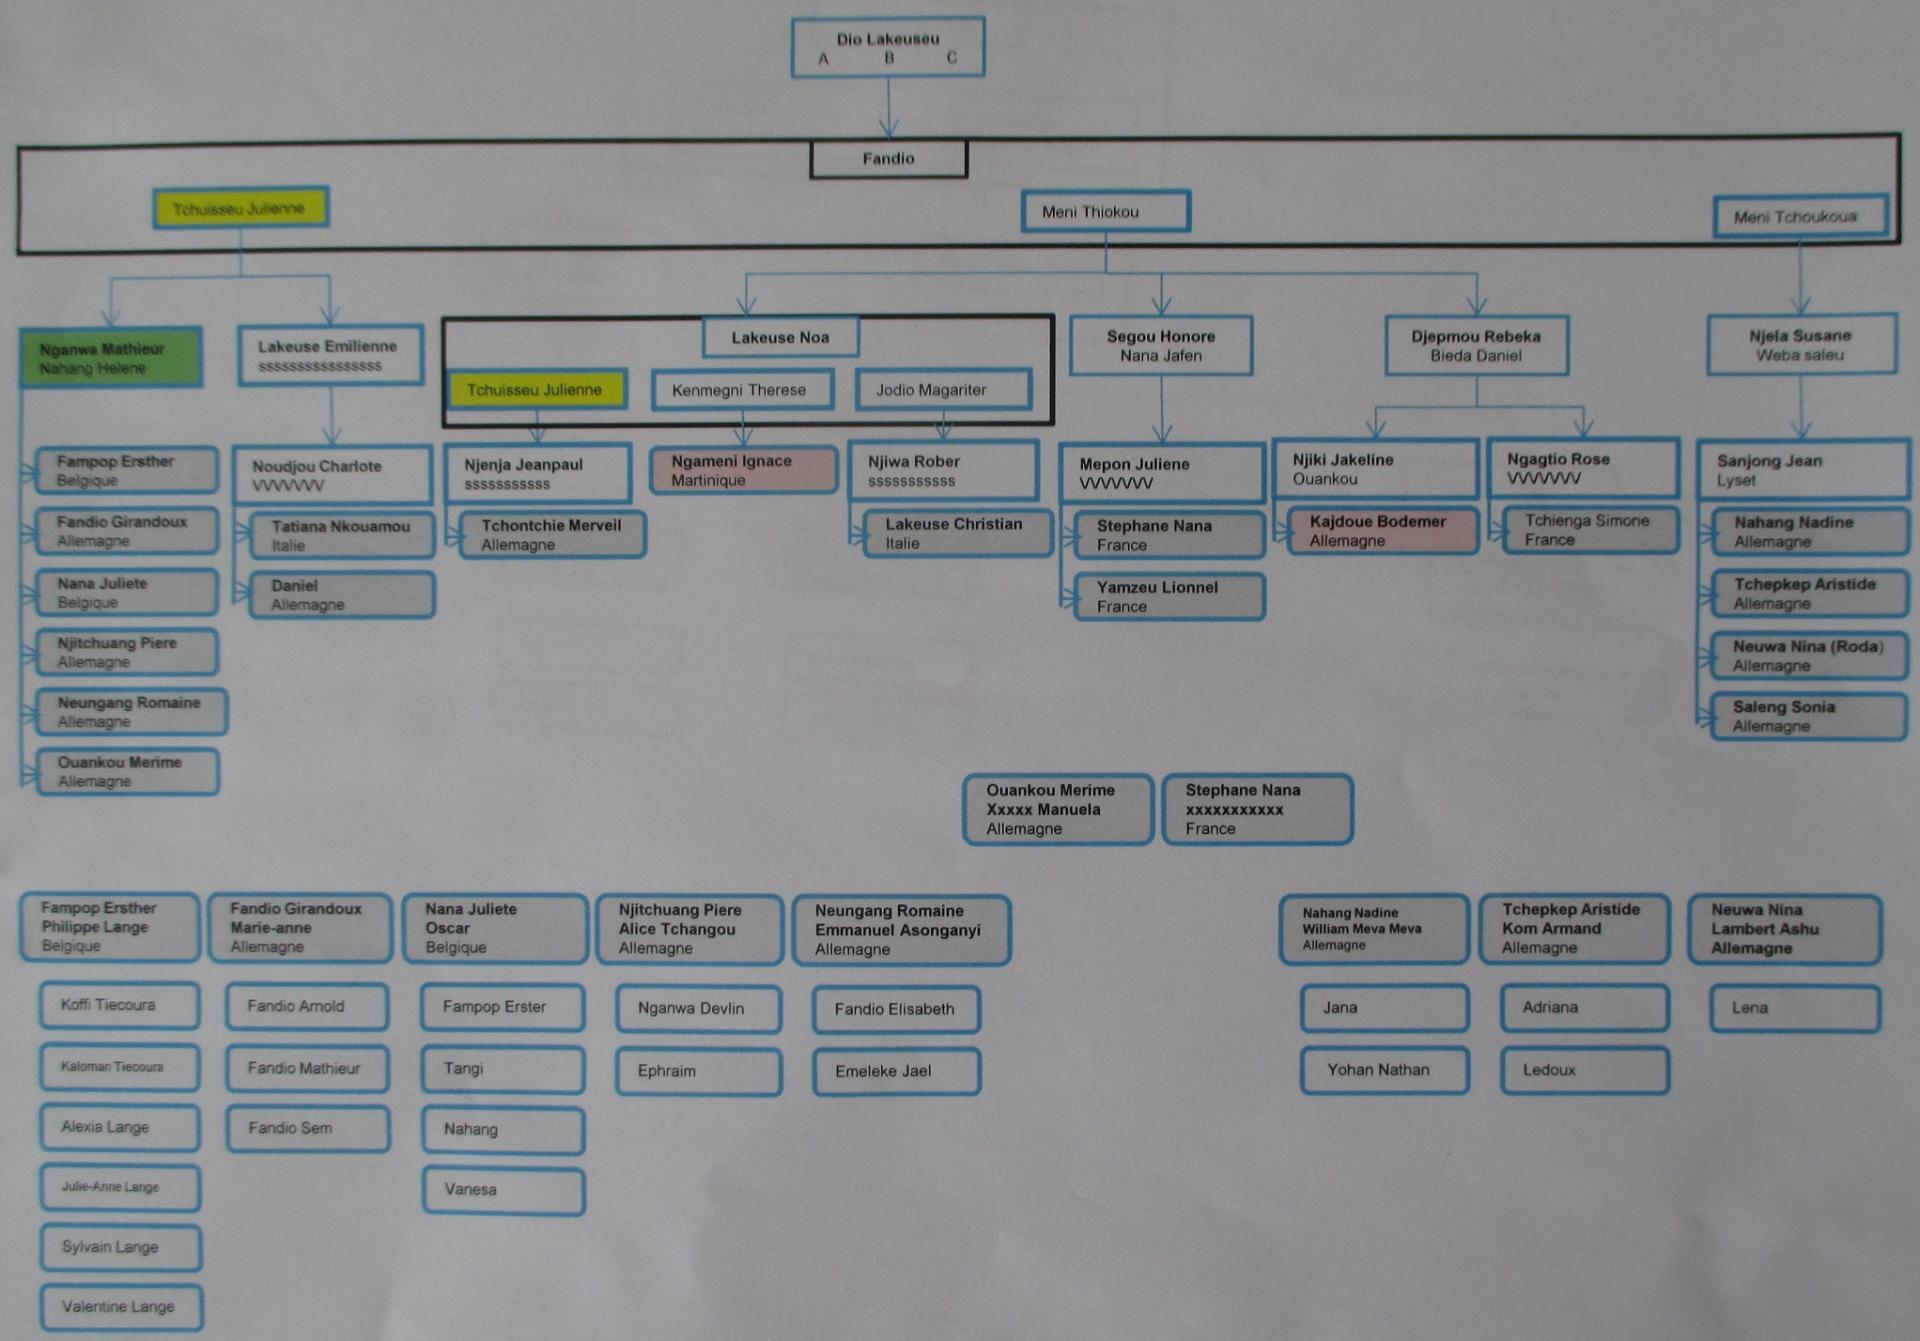 Genealogie dio lakesseu fandio